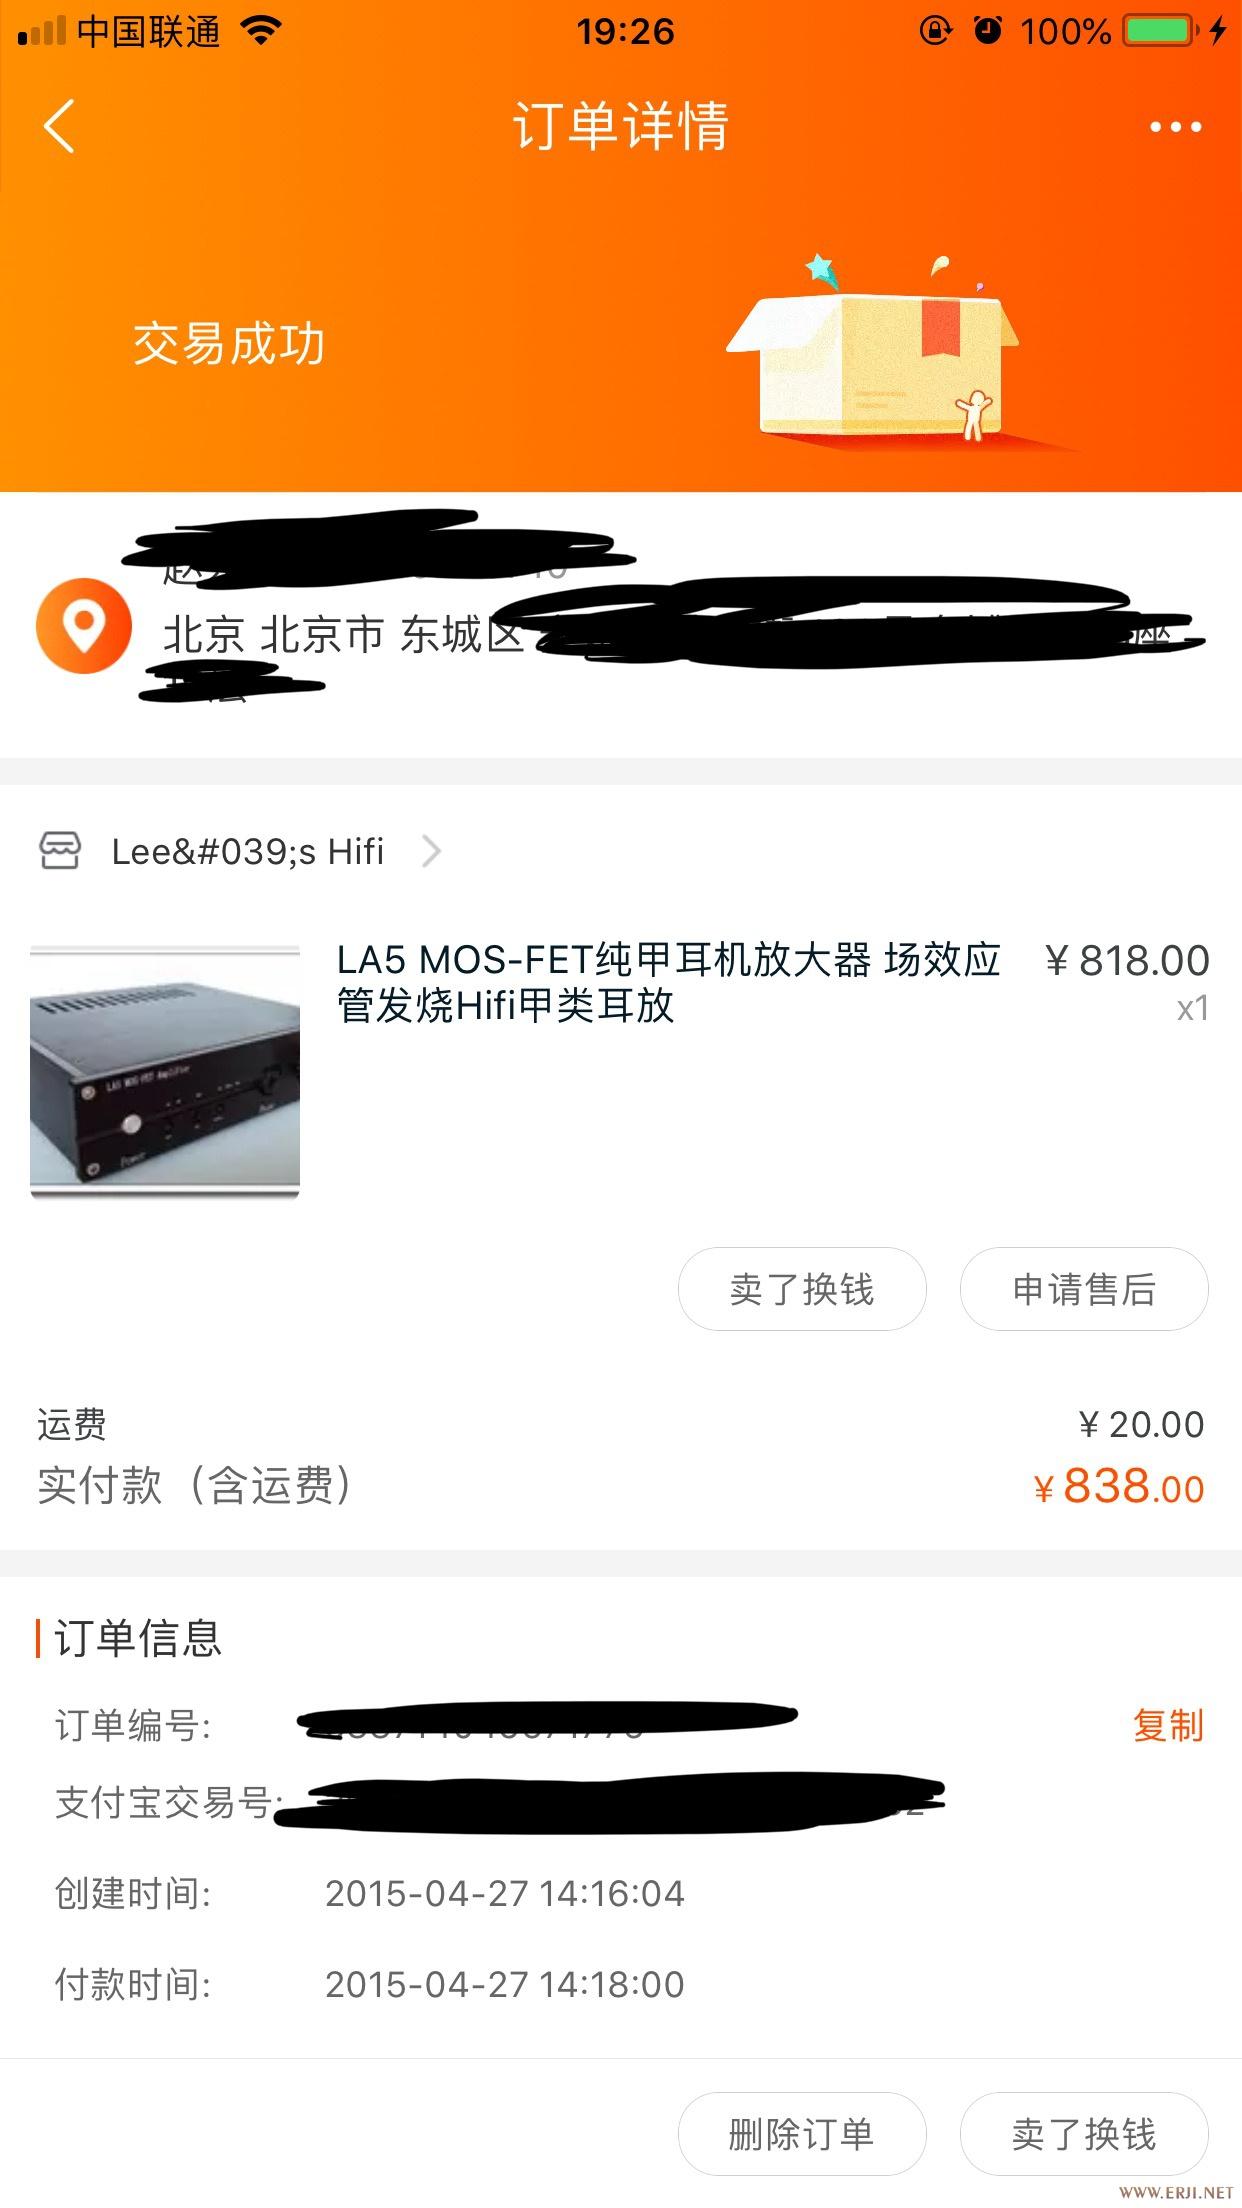 la5 mos-fet纯甲耳机放大器